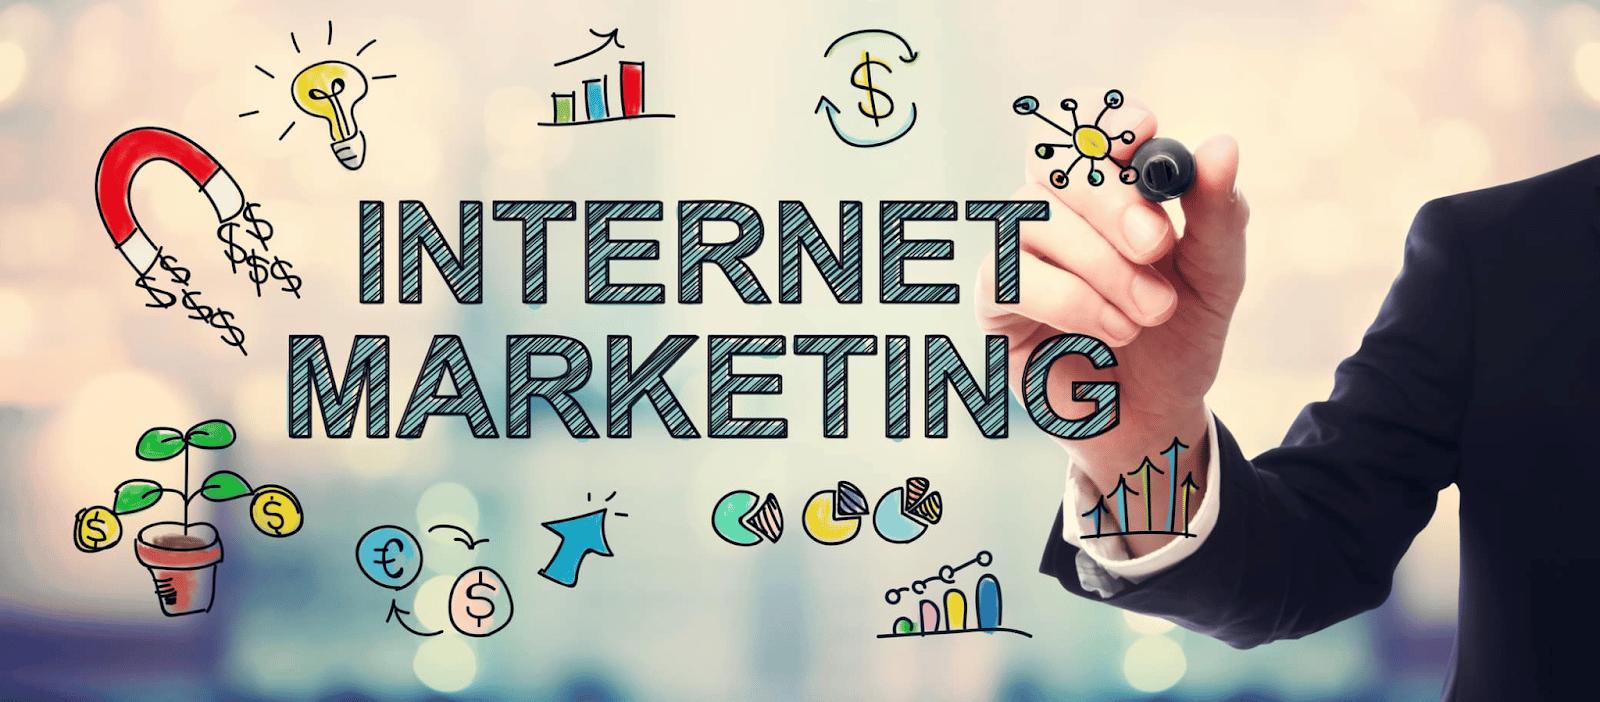 Là khả năng của người làm marketing trong việc vận dụng kiến thức để thực hiện một nhiệm vụ truyền thông mang tính kỹ thuật, thông minh hoặc giải quyết nỗi lo của doanh nghiệp.